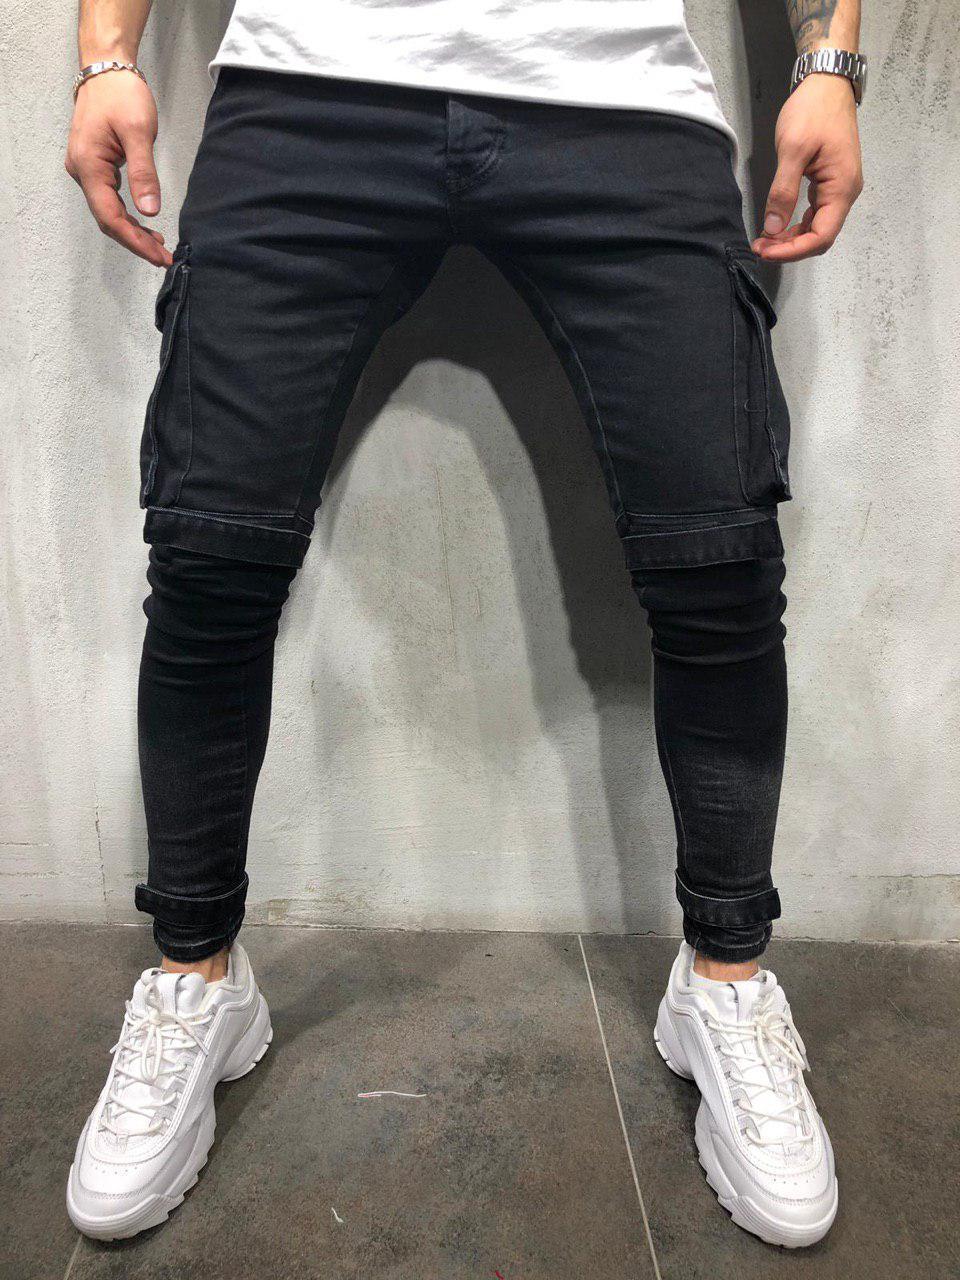 2adfb4ed Мужские джинсы из плотной ткани черные с накладными карманами - Интернет-магазин  обуви и одежды